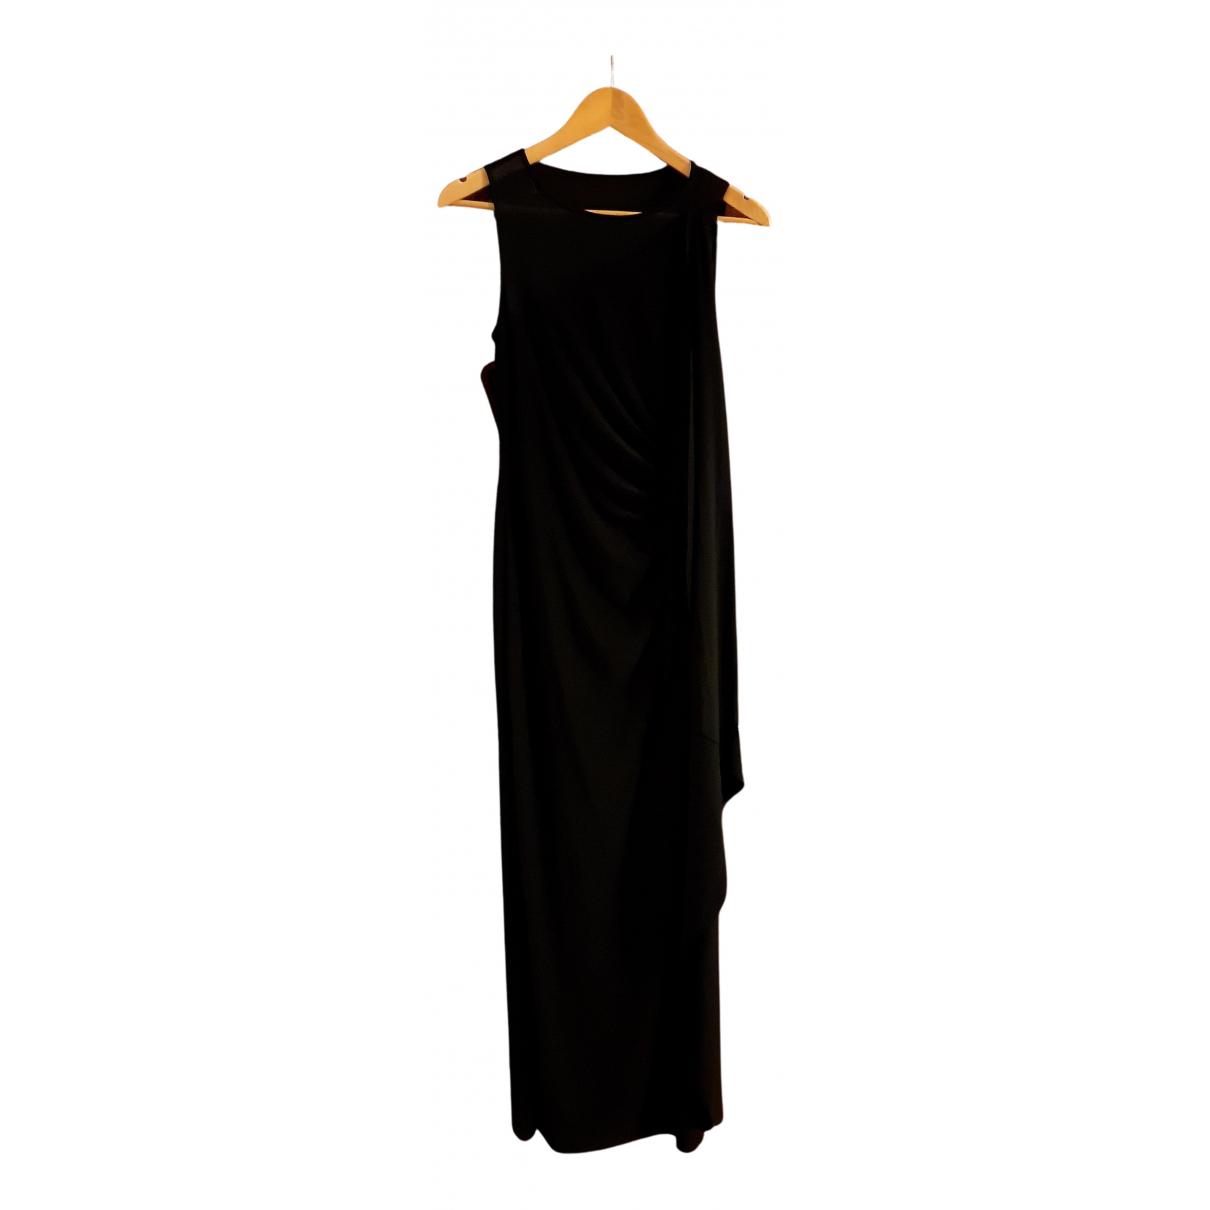 Lauren Ralph Lauren N Black Silk dress for Women 2 US